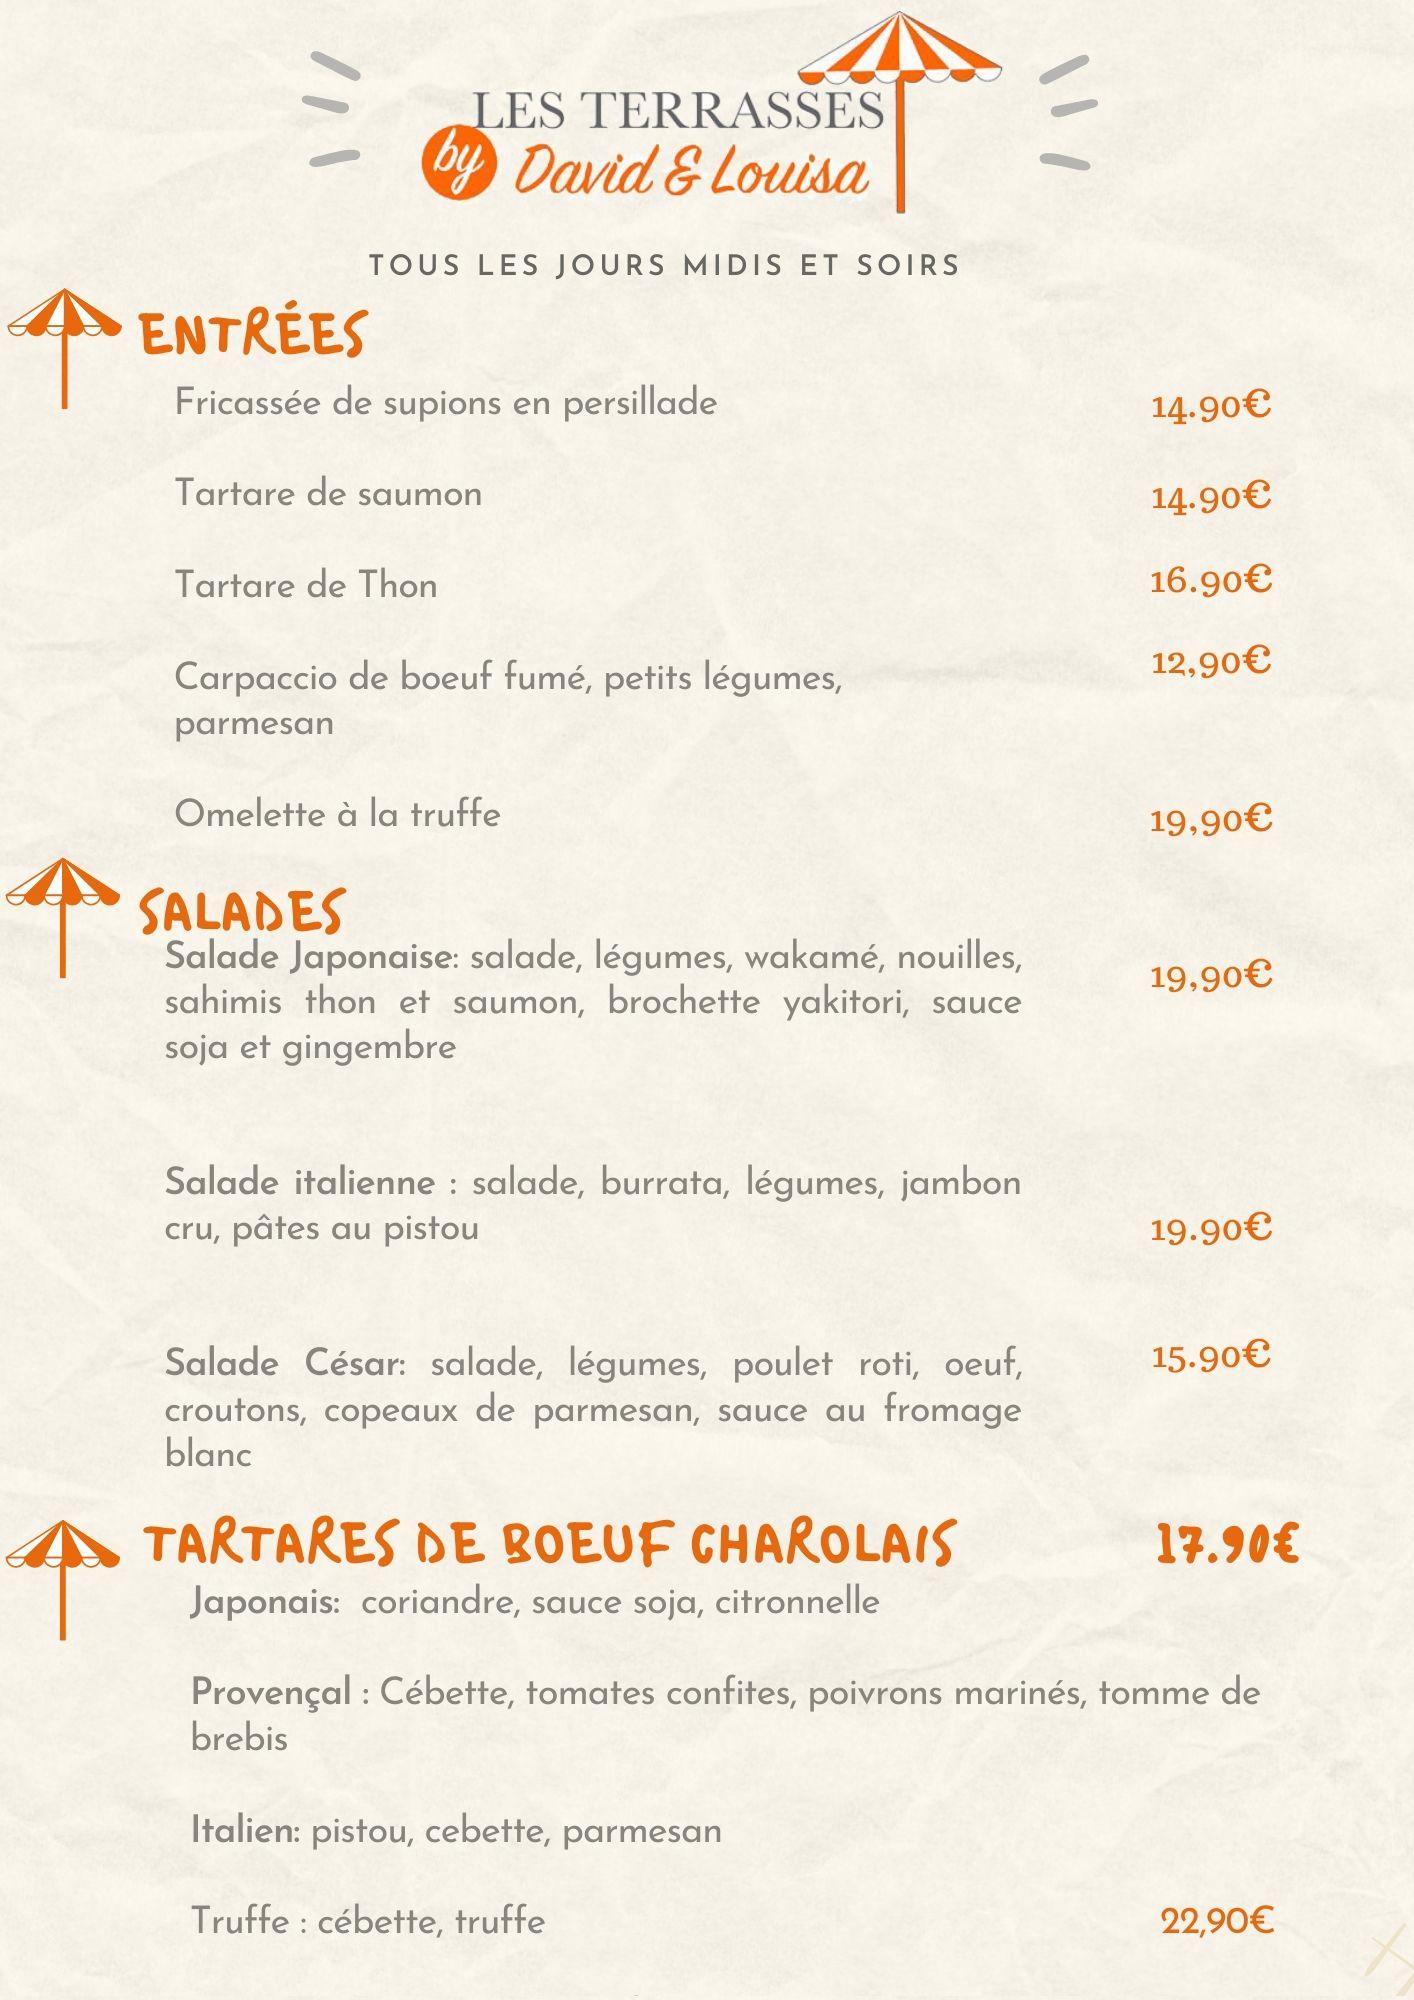 menu du restaurant les terrasses, les plats